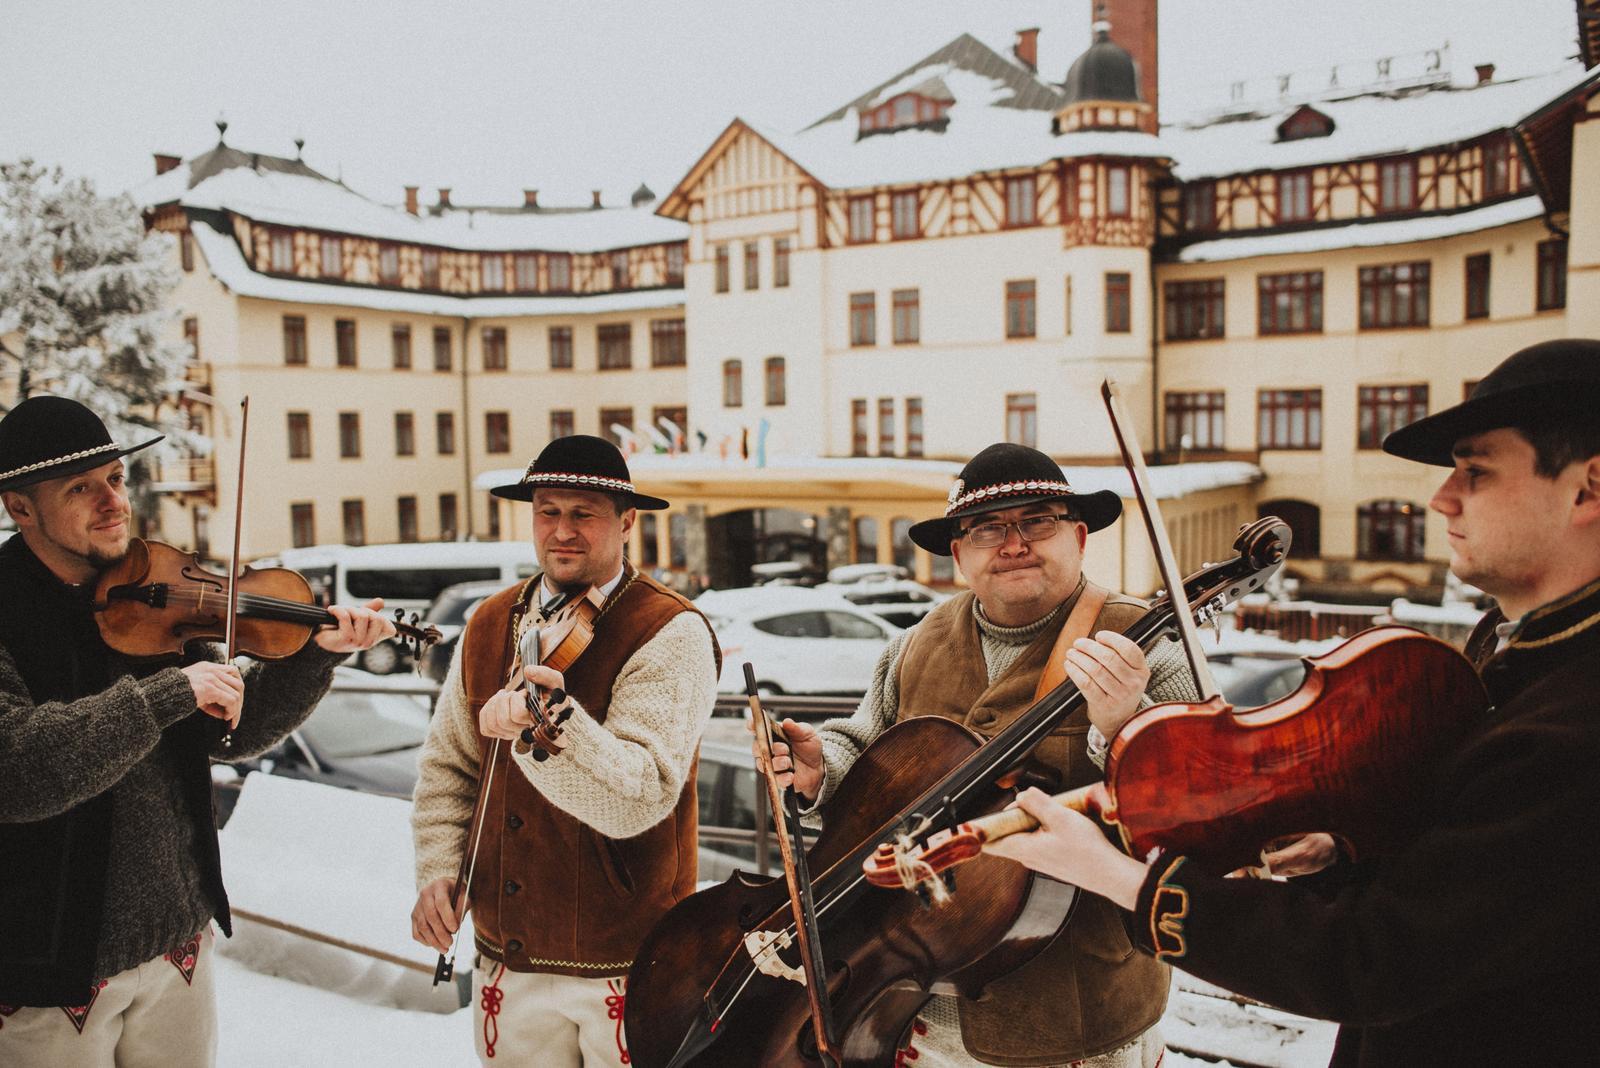 Tatranská zimná svadba - za nami Grand hotel a do toho krásny spev chlapcov zo Ždiaru